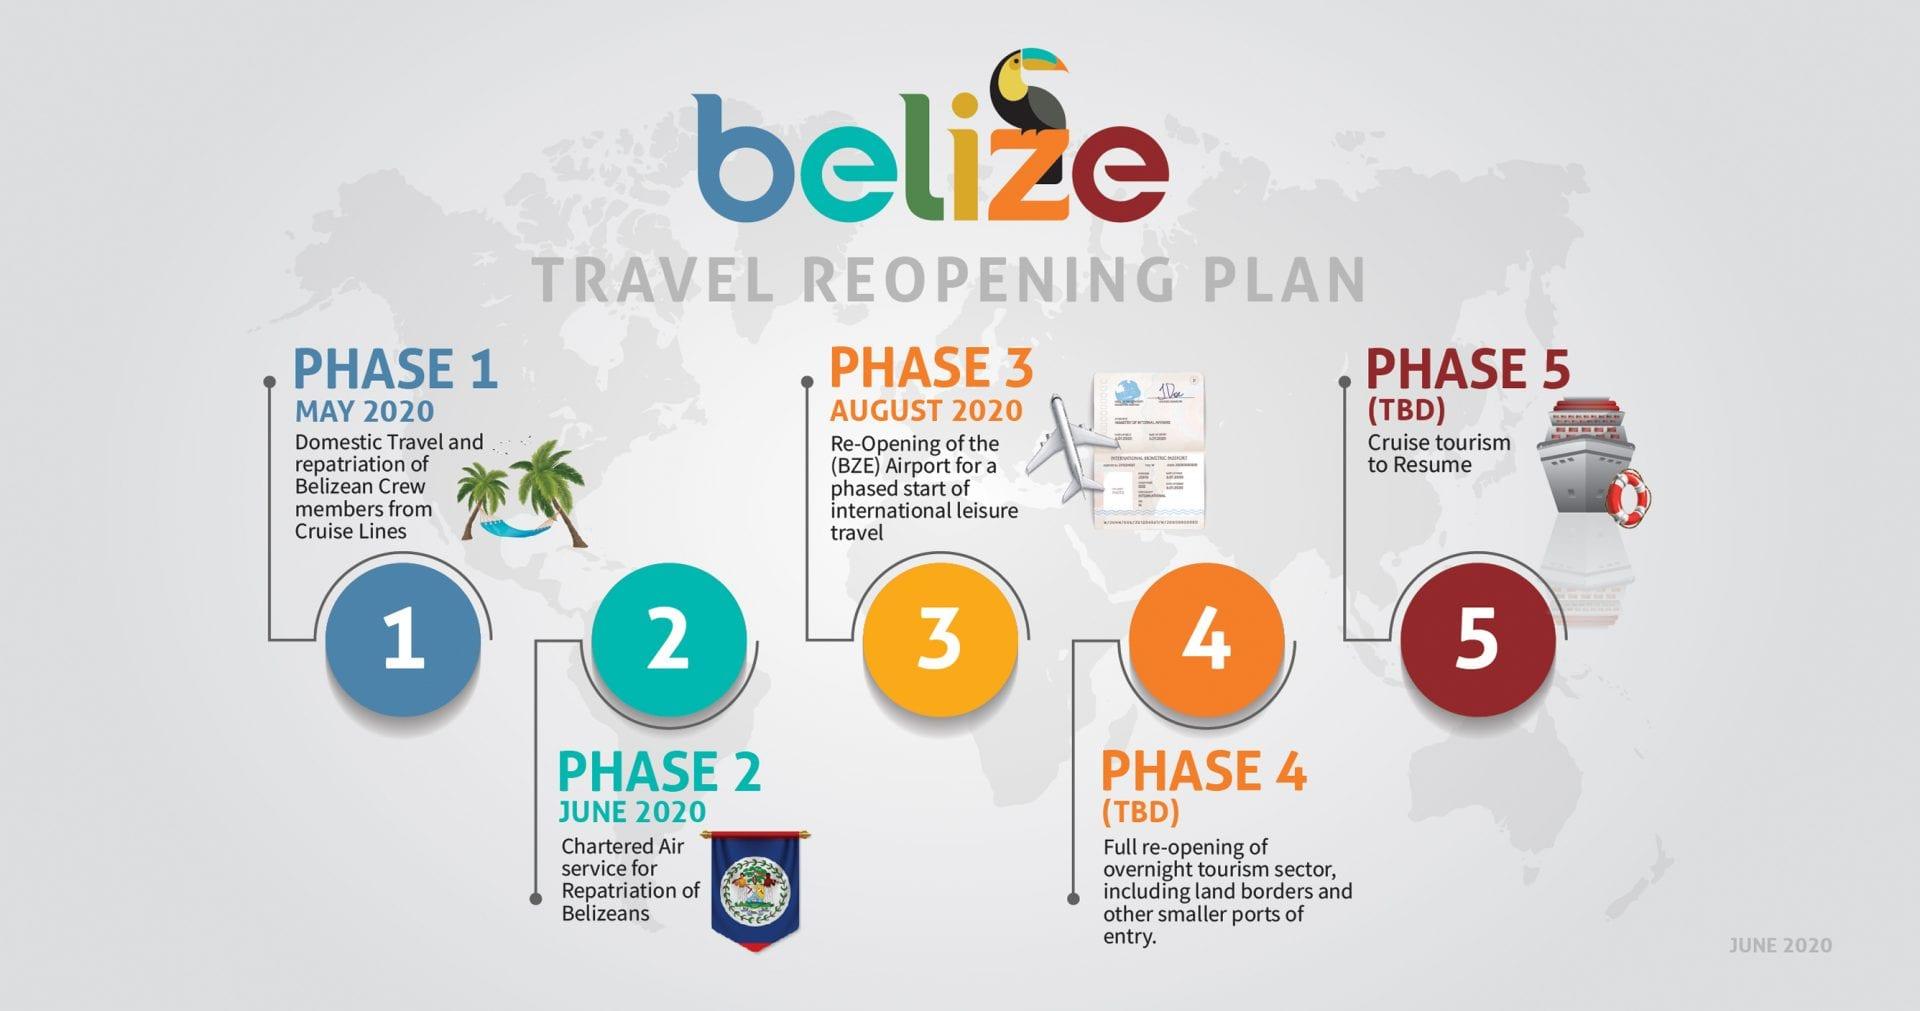 belize-reopening-plan